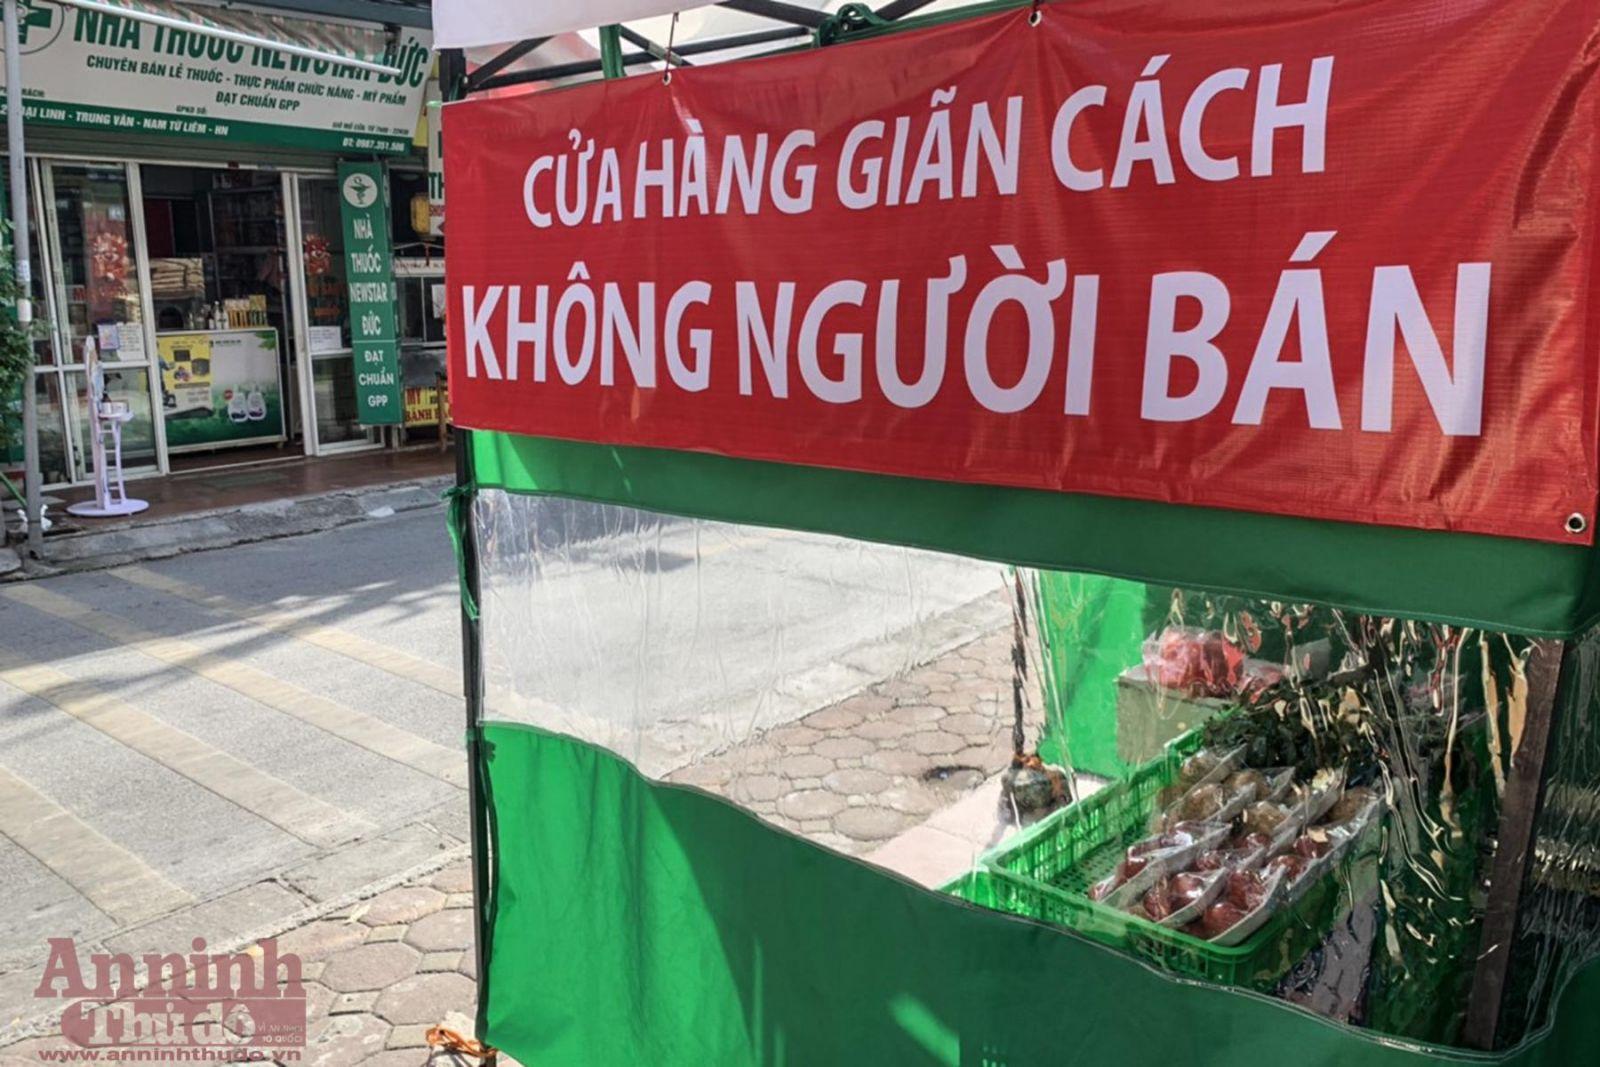 Đây là gian hàng không người bán đầu tiên xuất hiện ở Hà Nội